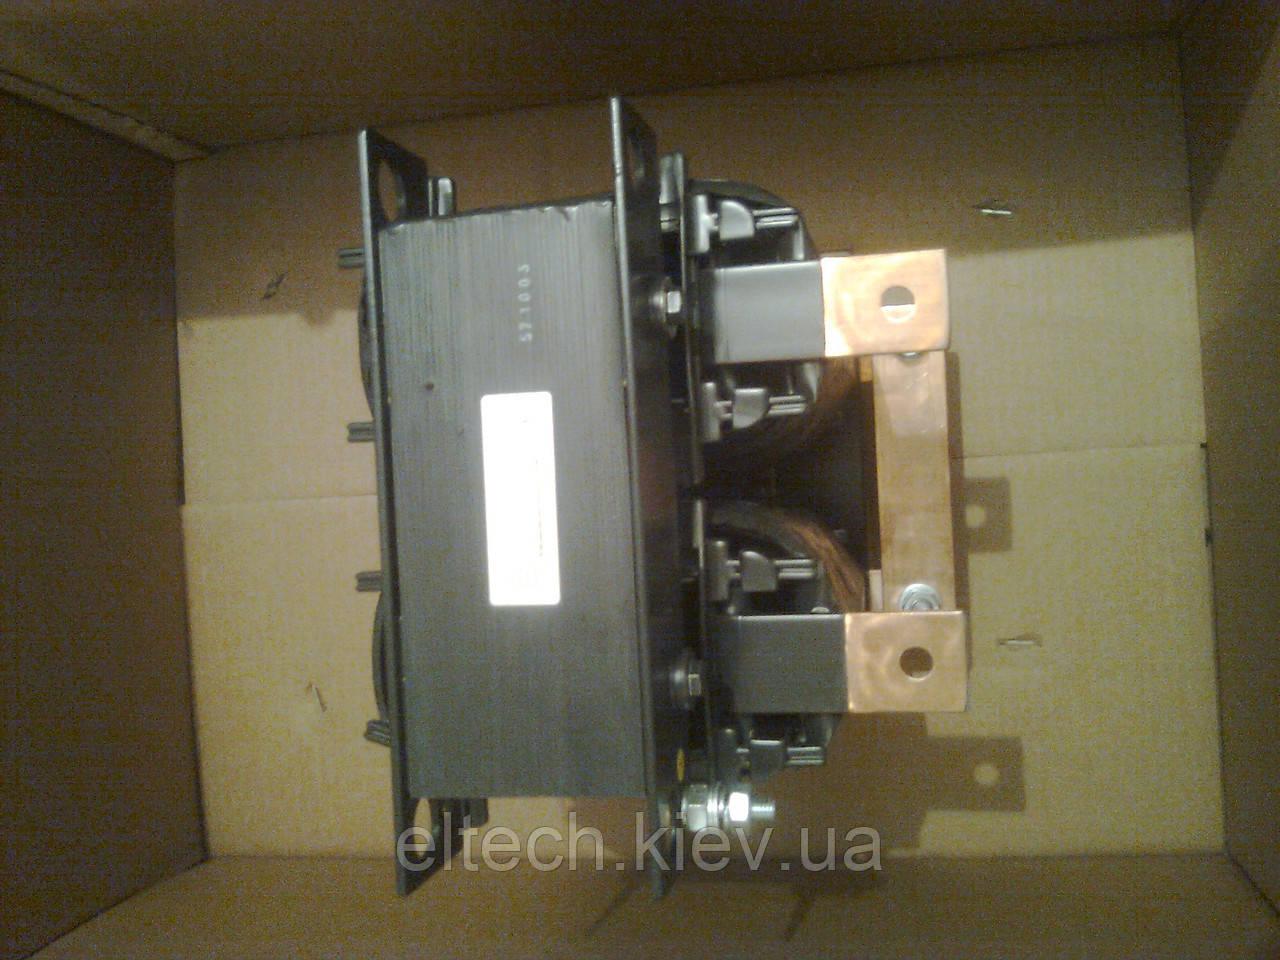 GDS12.5-1042-0.08 - DC-дроссель для SJ700-4000HFE2 400кВт